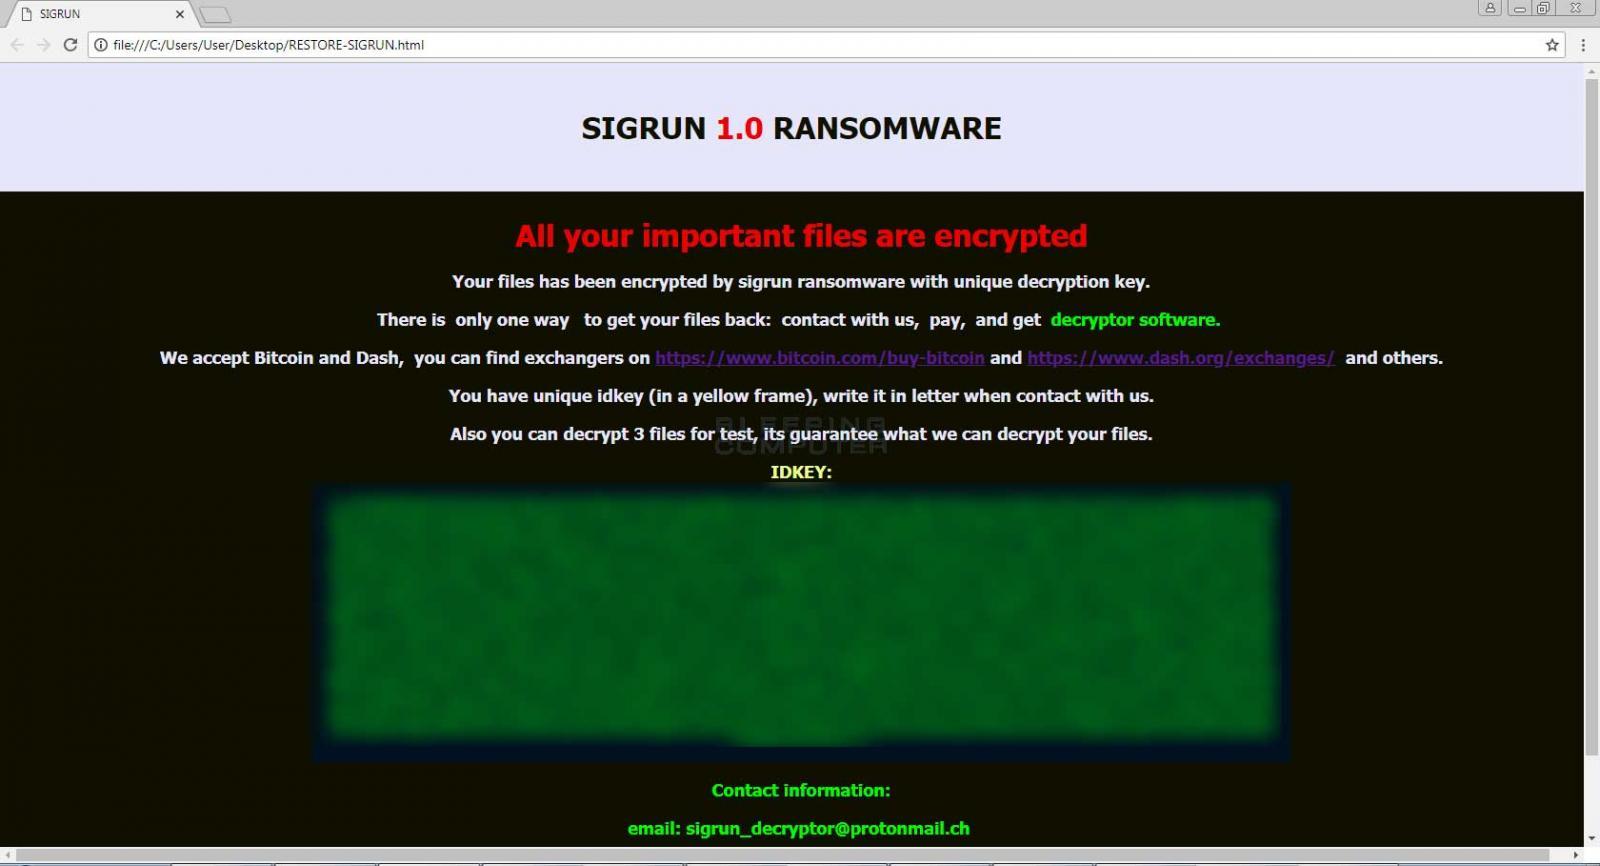 Sigrun HTML Ransom Note